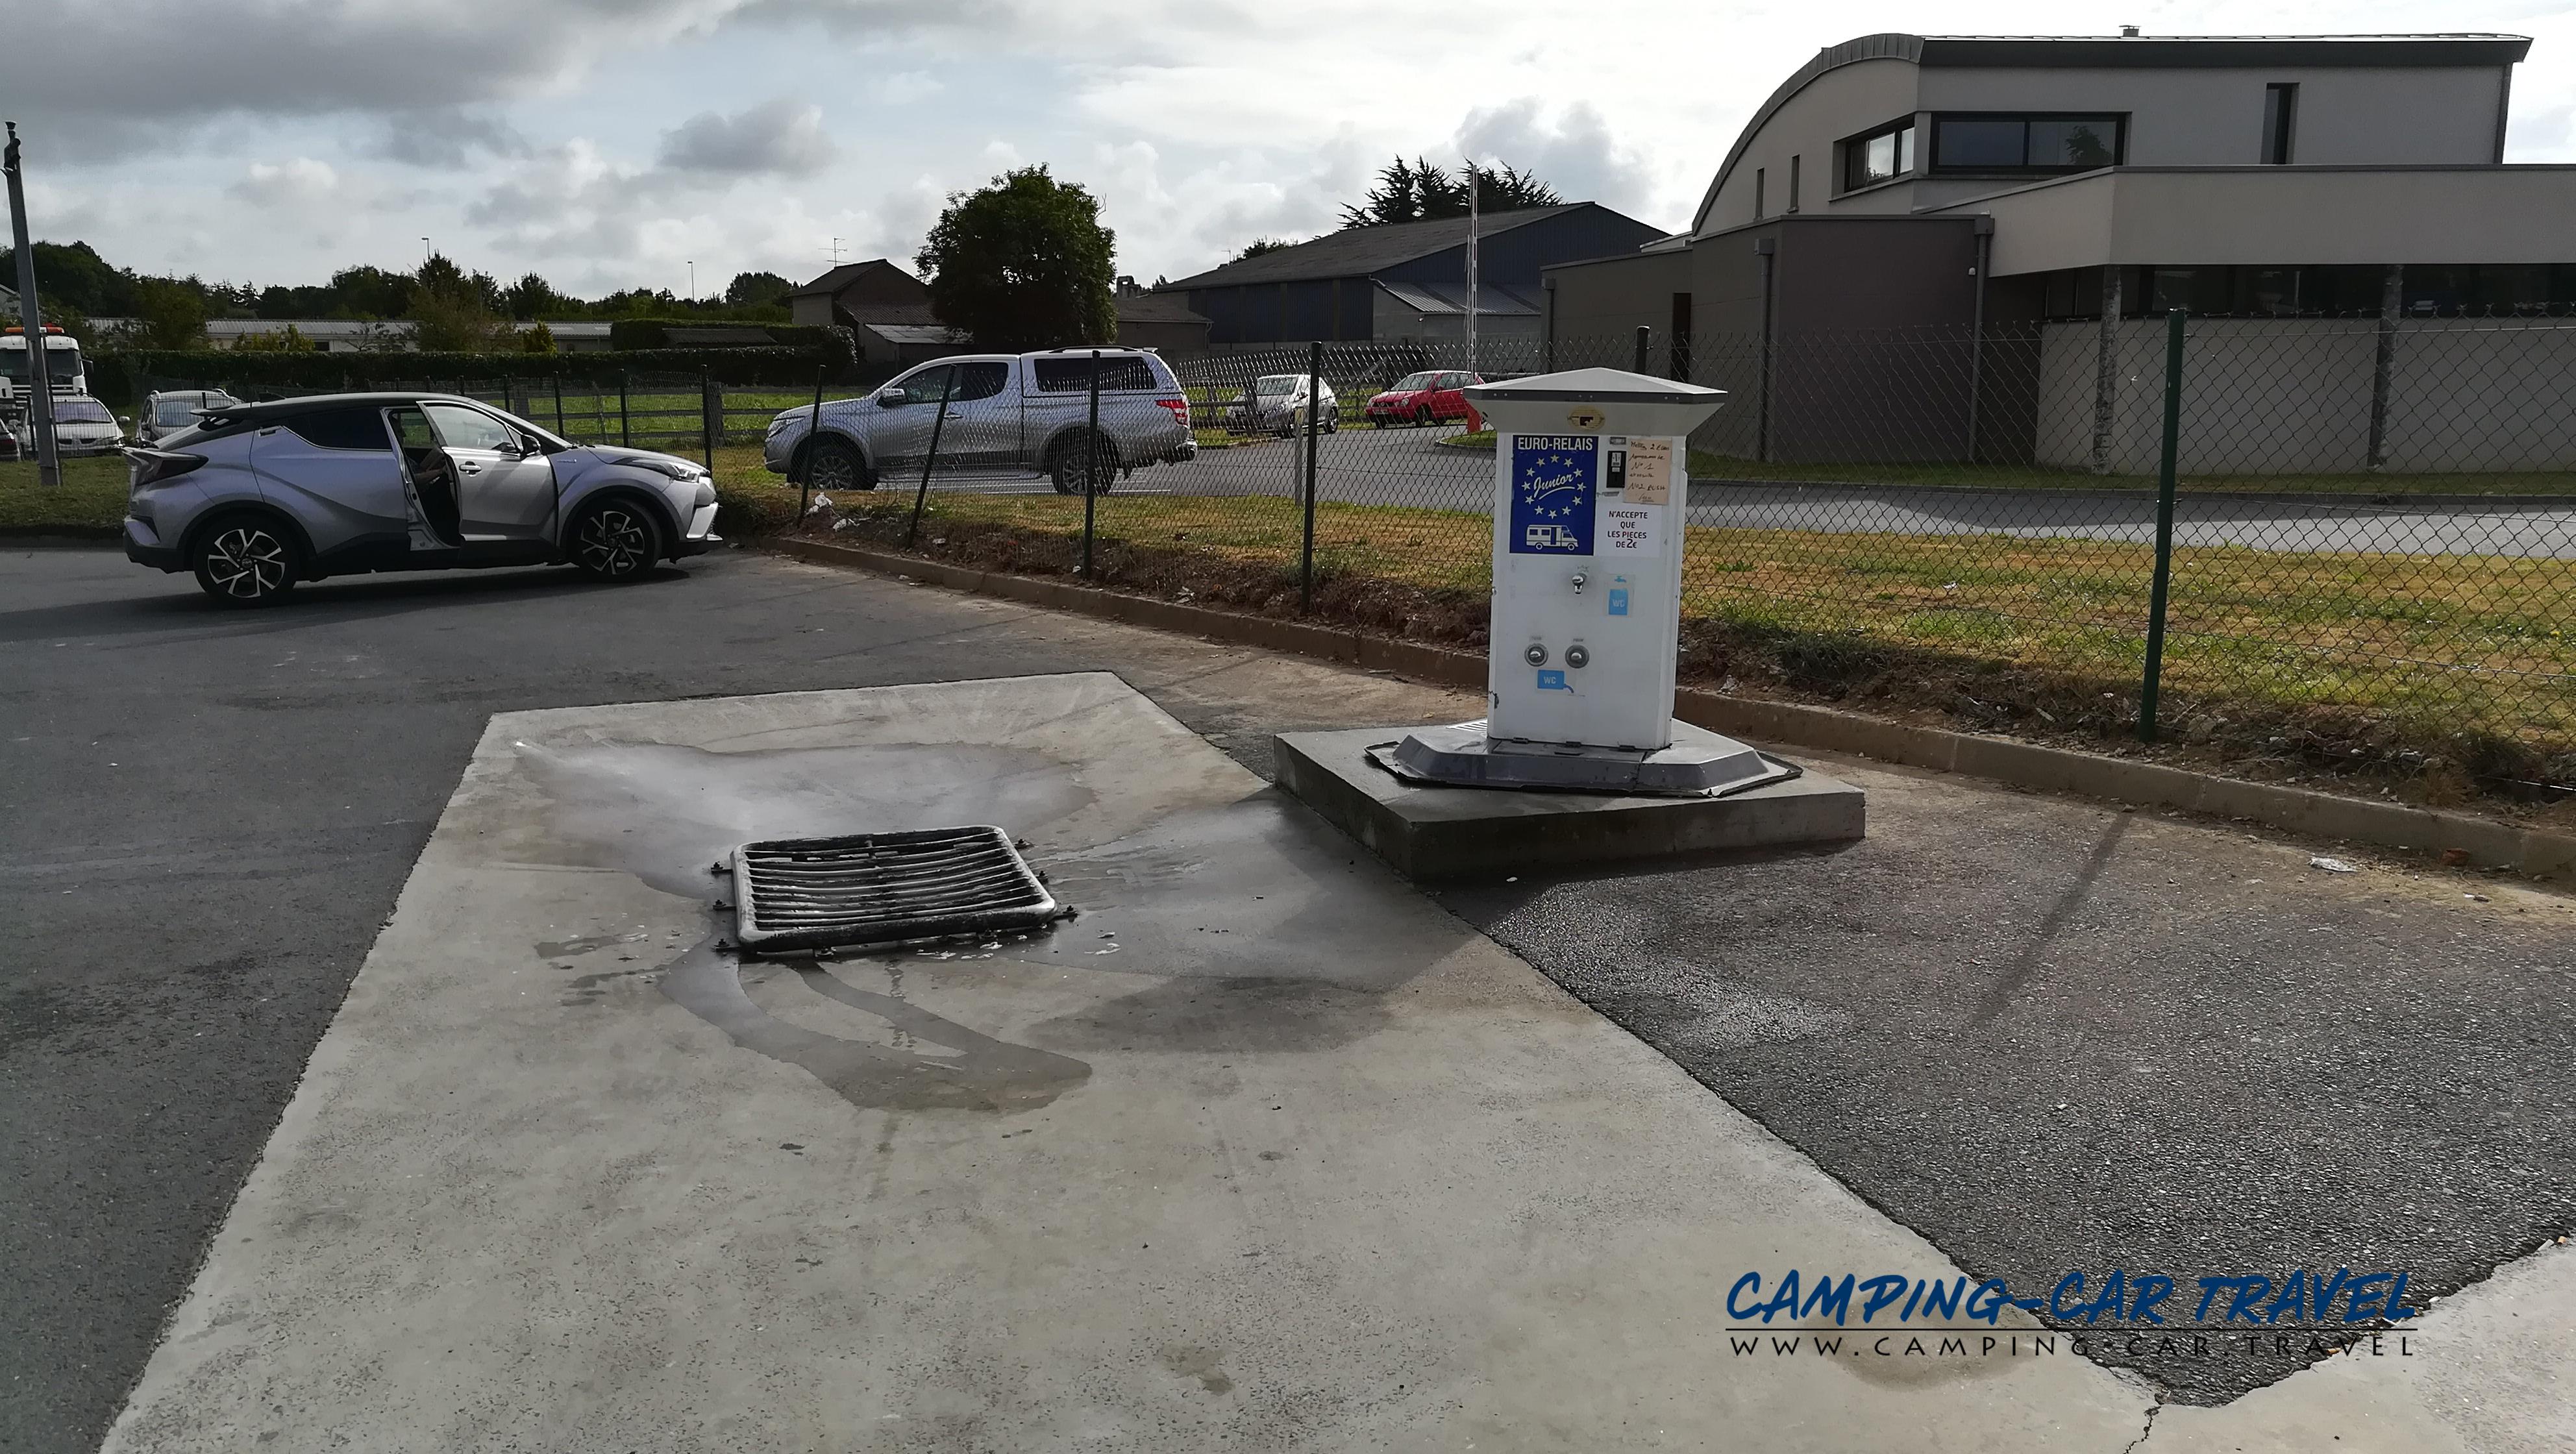 aire services camping cars Sainte-Mère-Eglise Manche Normandie